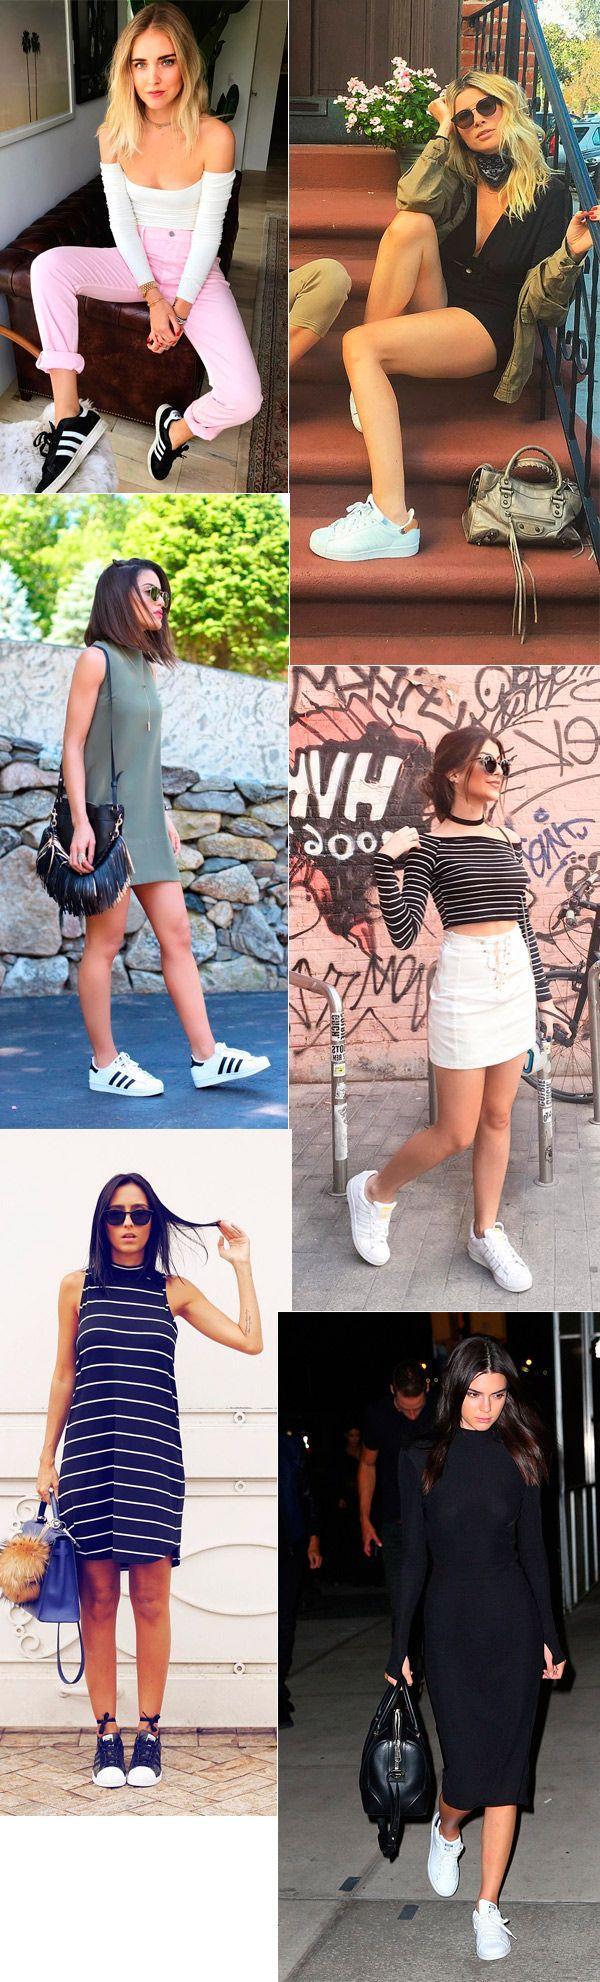 Tênis Adidas Street style